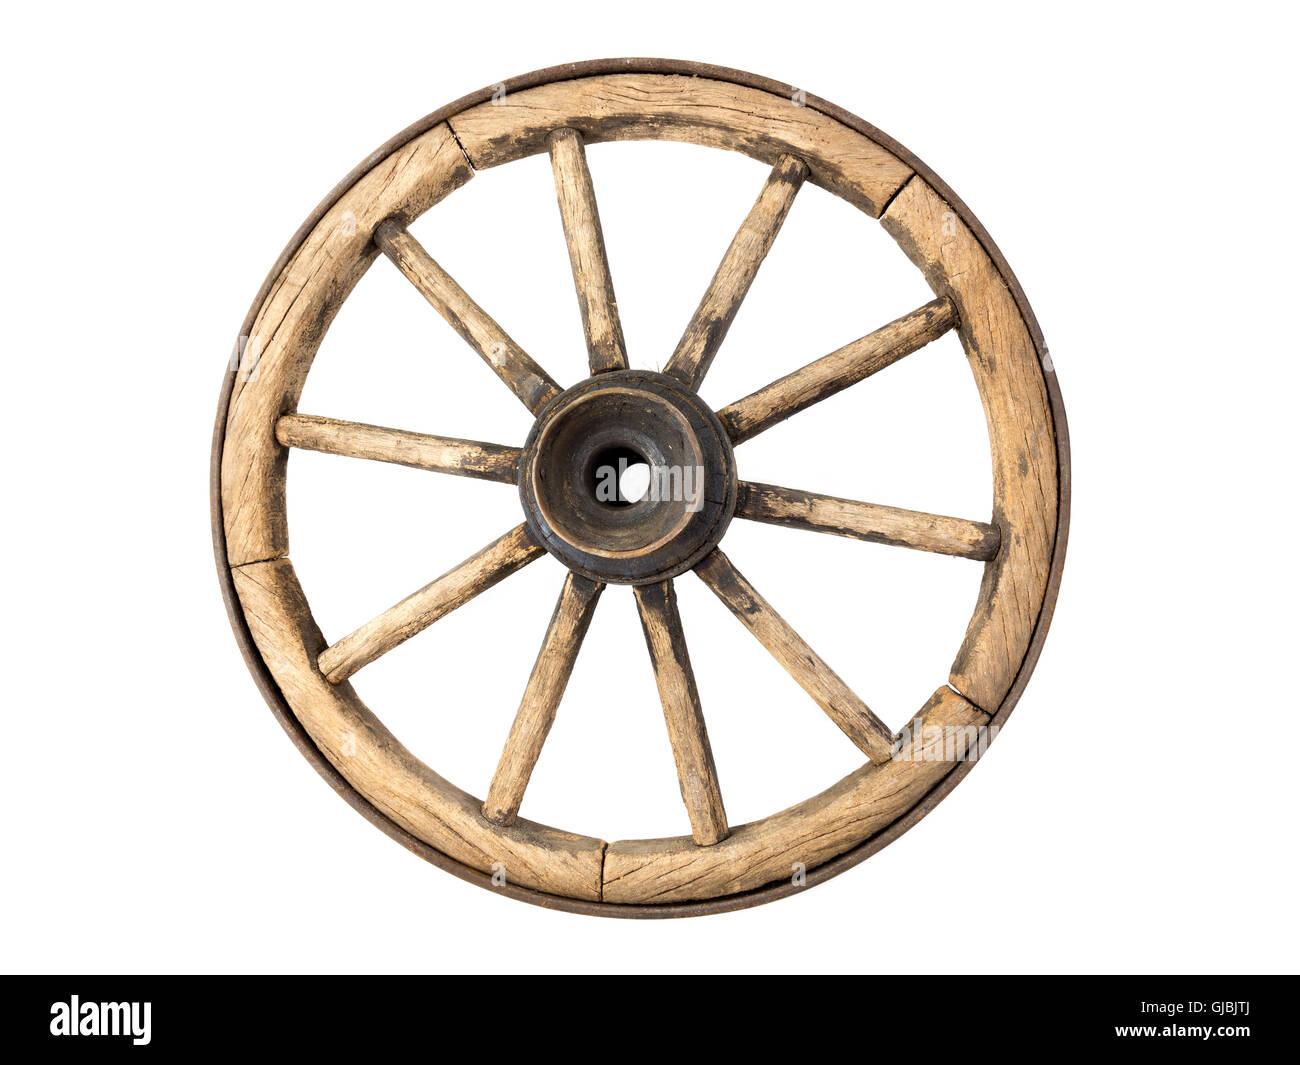 Ancienne roue de chariot en bois isolé sur fond blanc Photo Stock